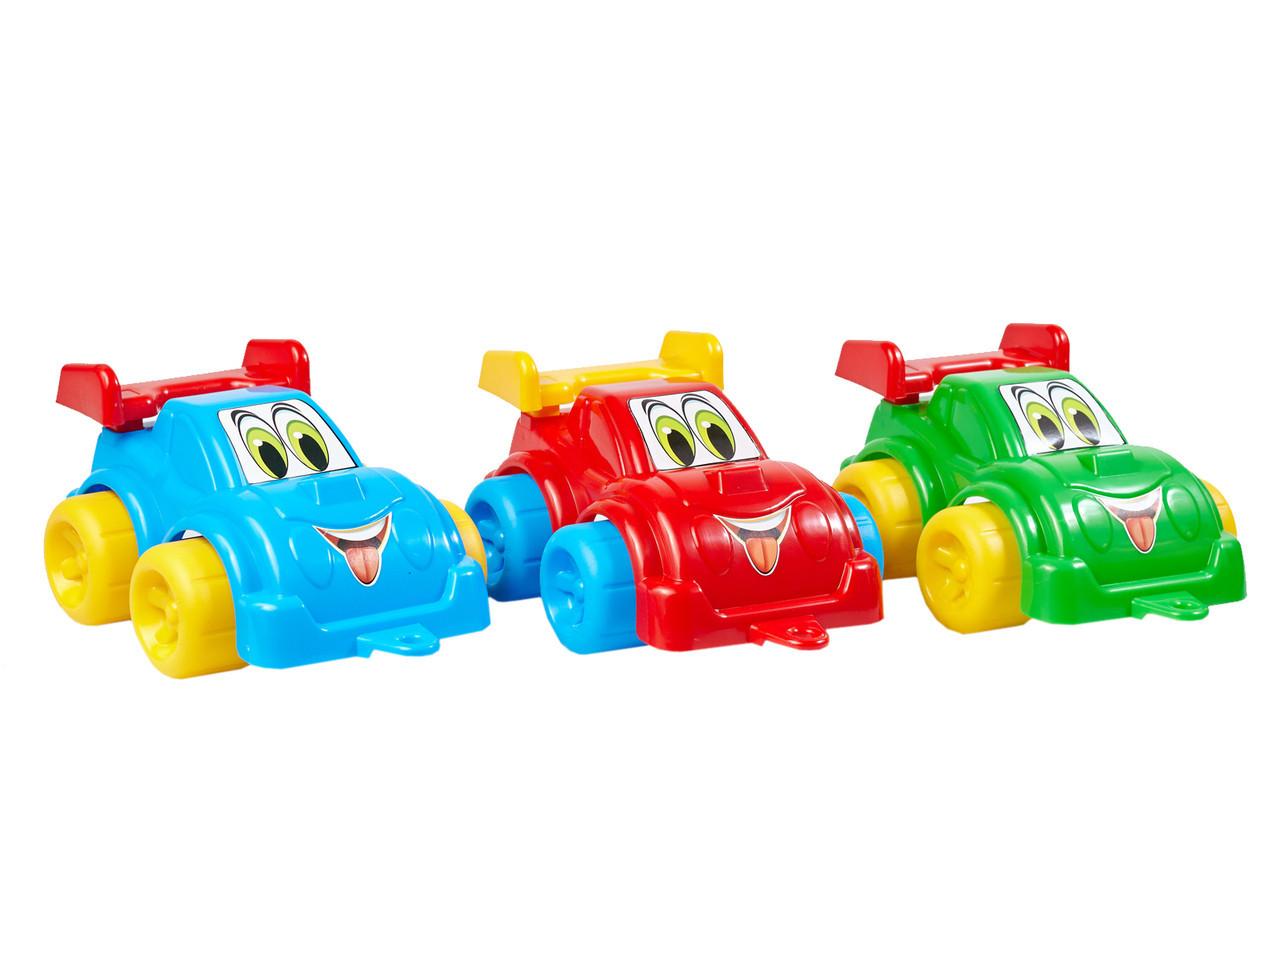 2971 Детская машинка Максик спортивная пластик Технок